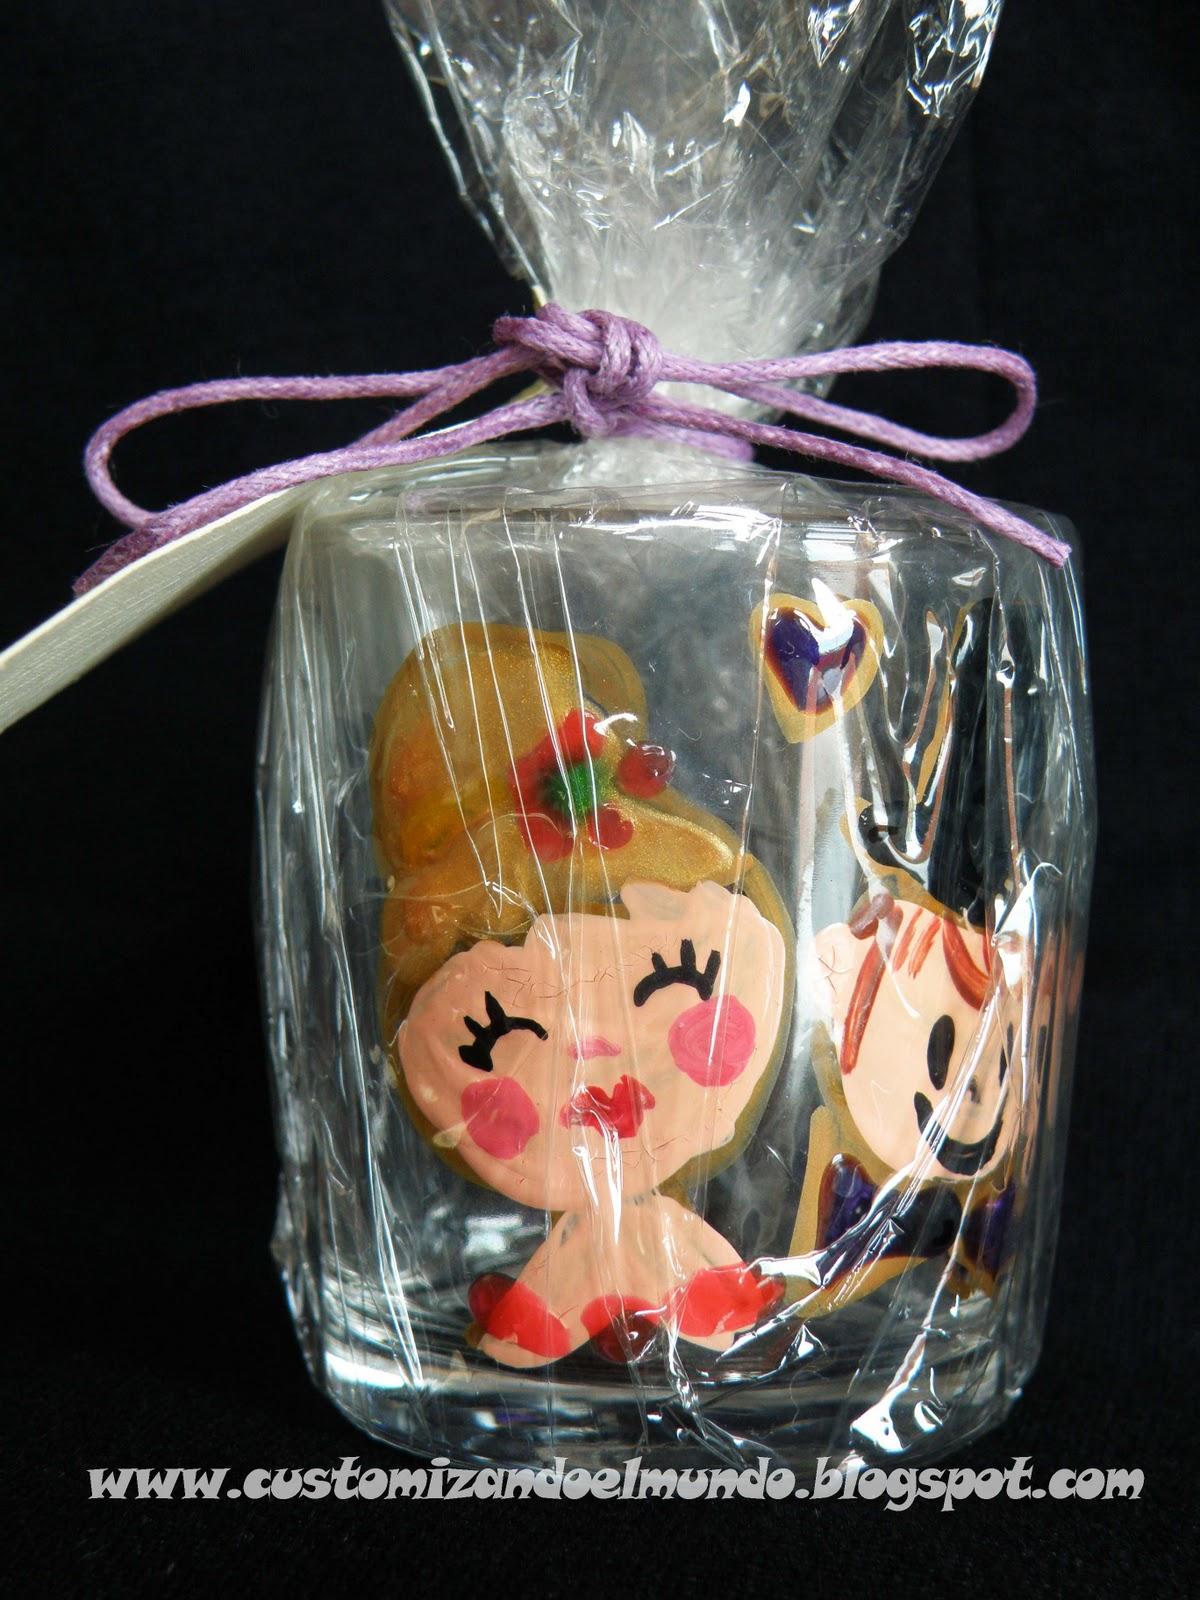 Customizando el mundo vasos de chupito para la boda de for Vasos chupito personalizados